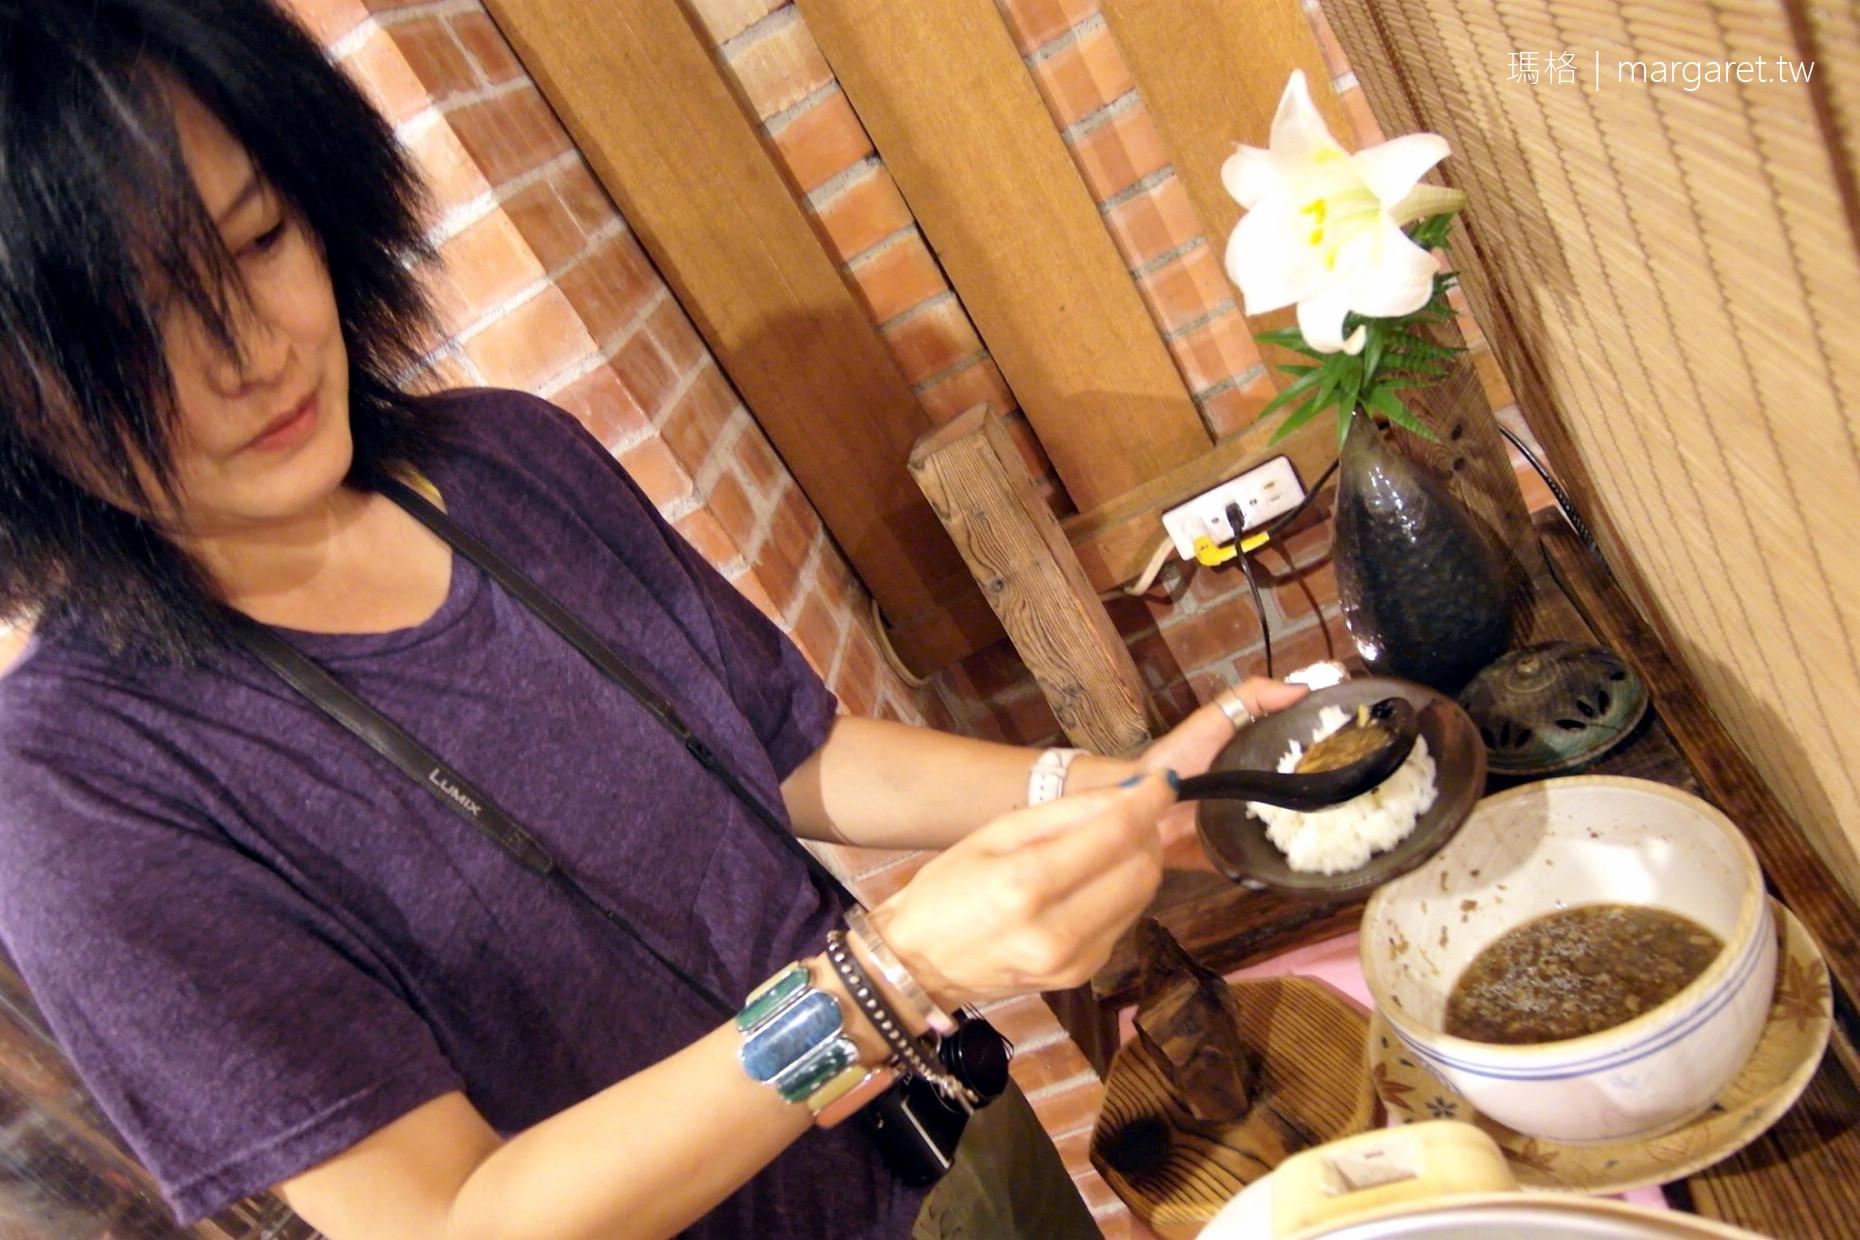 客人城。人文藝術養生餐|宜蘭無菜單創意料理